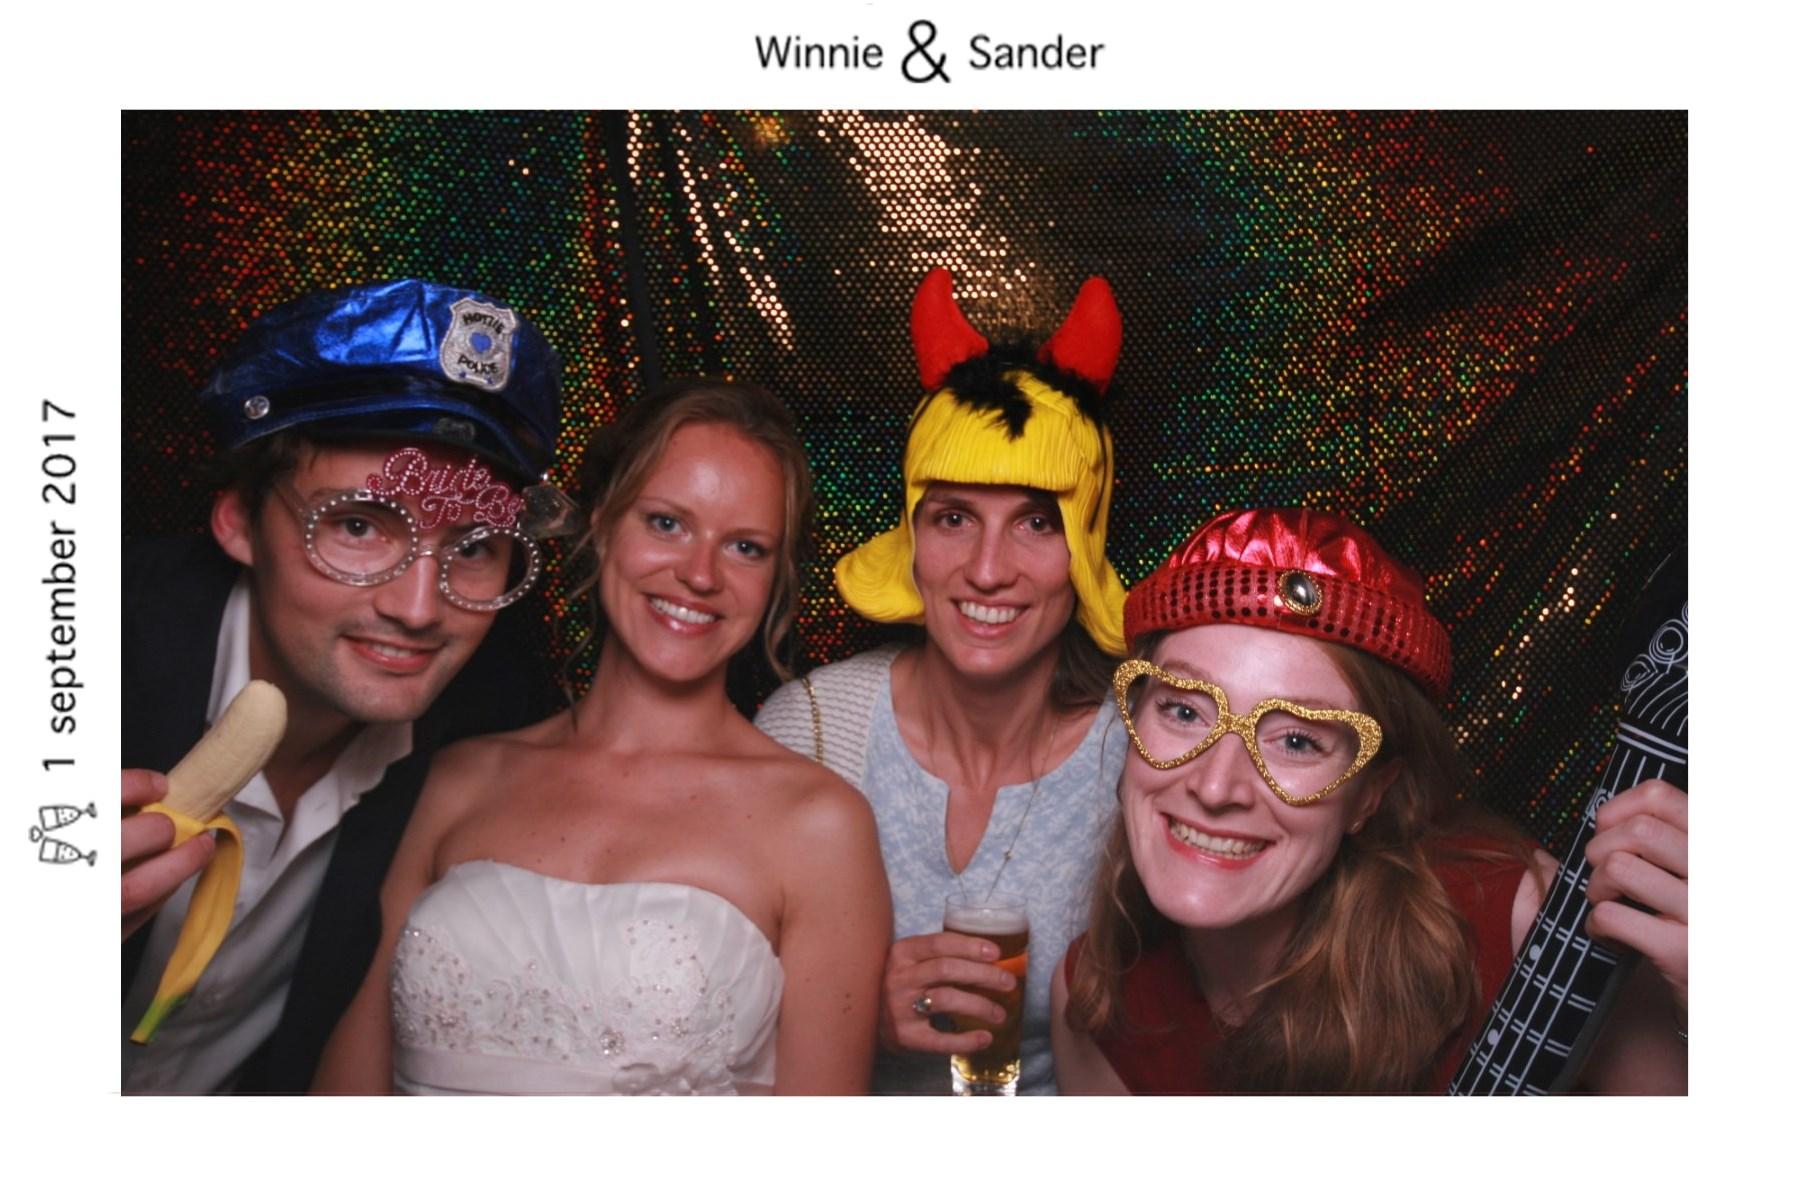 Huwelijk photo booth (2)